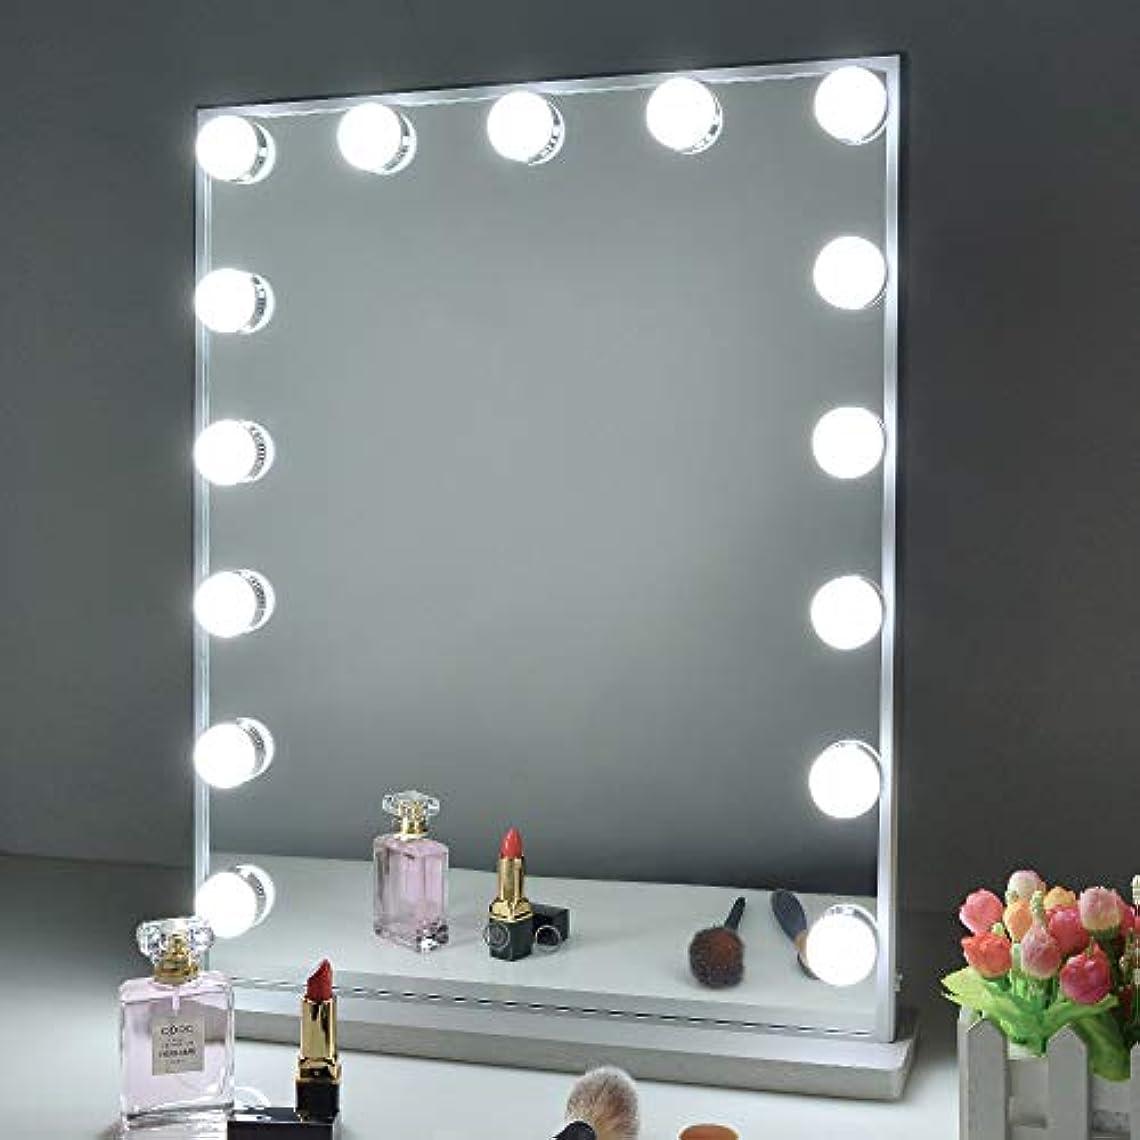 神聖アート日付Wonstart 女優ミラー led化粧鏡 ハリウッドミラー 15個LED電球付き 寒色?暖色2色調光 明るさ調整可能 スタンド付き 卓上/壁掛け両用(シルバー)